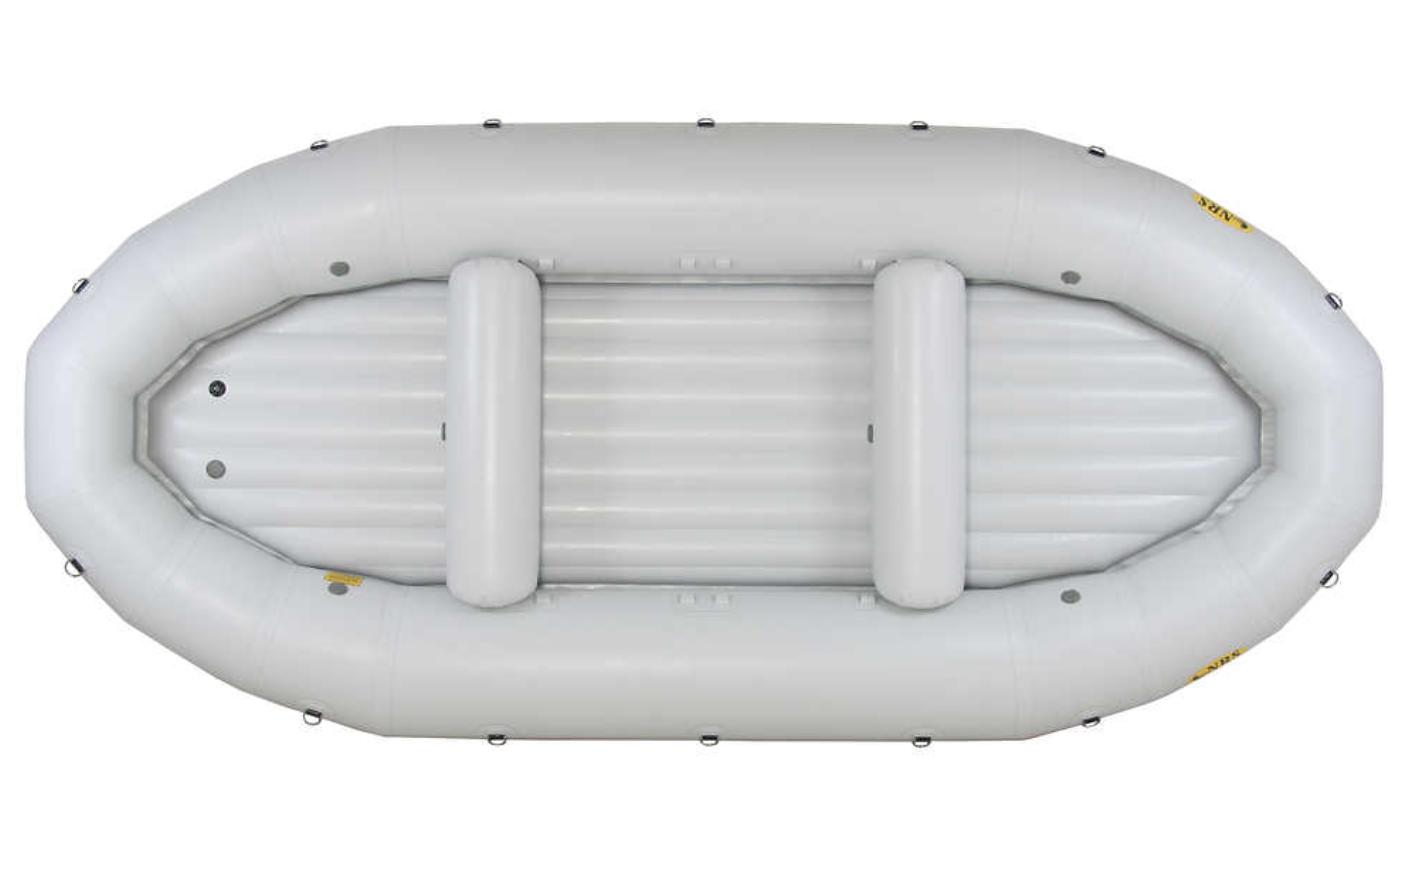 """The Riken designed NRS E-162D """"Nez Perce"""" whitewater raft. Source:  https://www.nrs.com/product/1189/nrs-e-162d-nez-perce-self-bailing-rafts"""